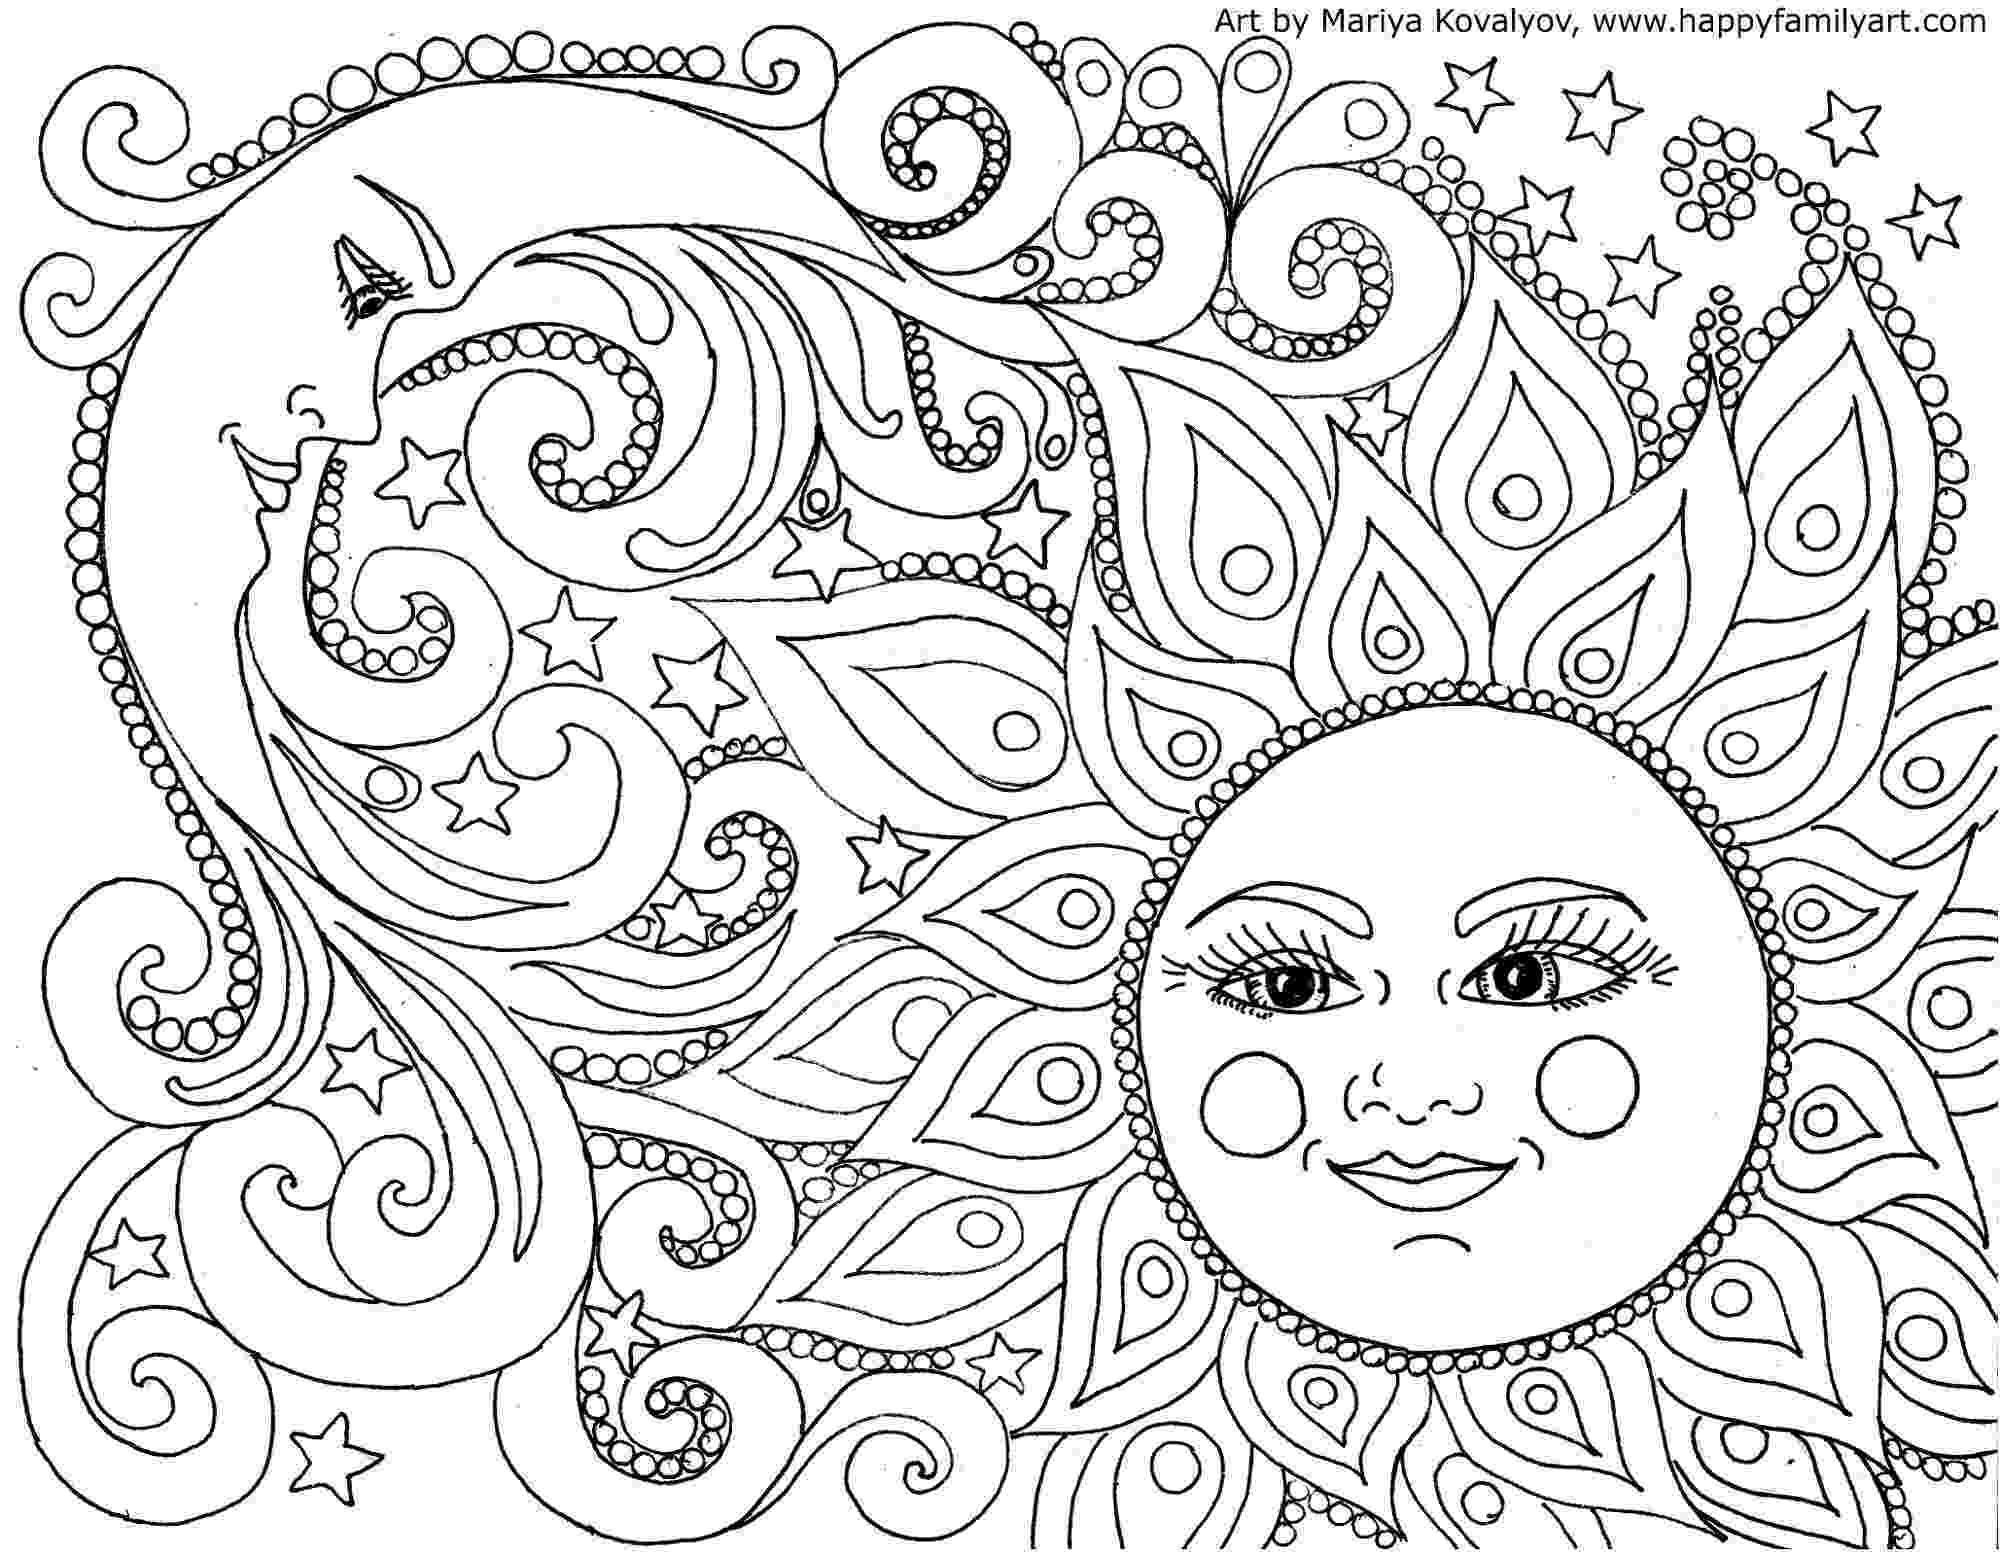 ying yang coloring pages ying yang coloring pages at getcoloringscom free ying pages coloring yang